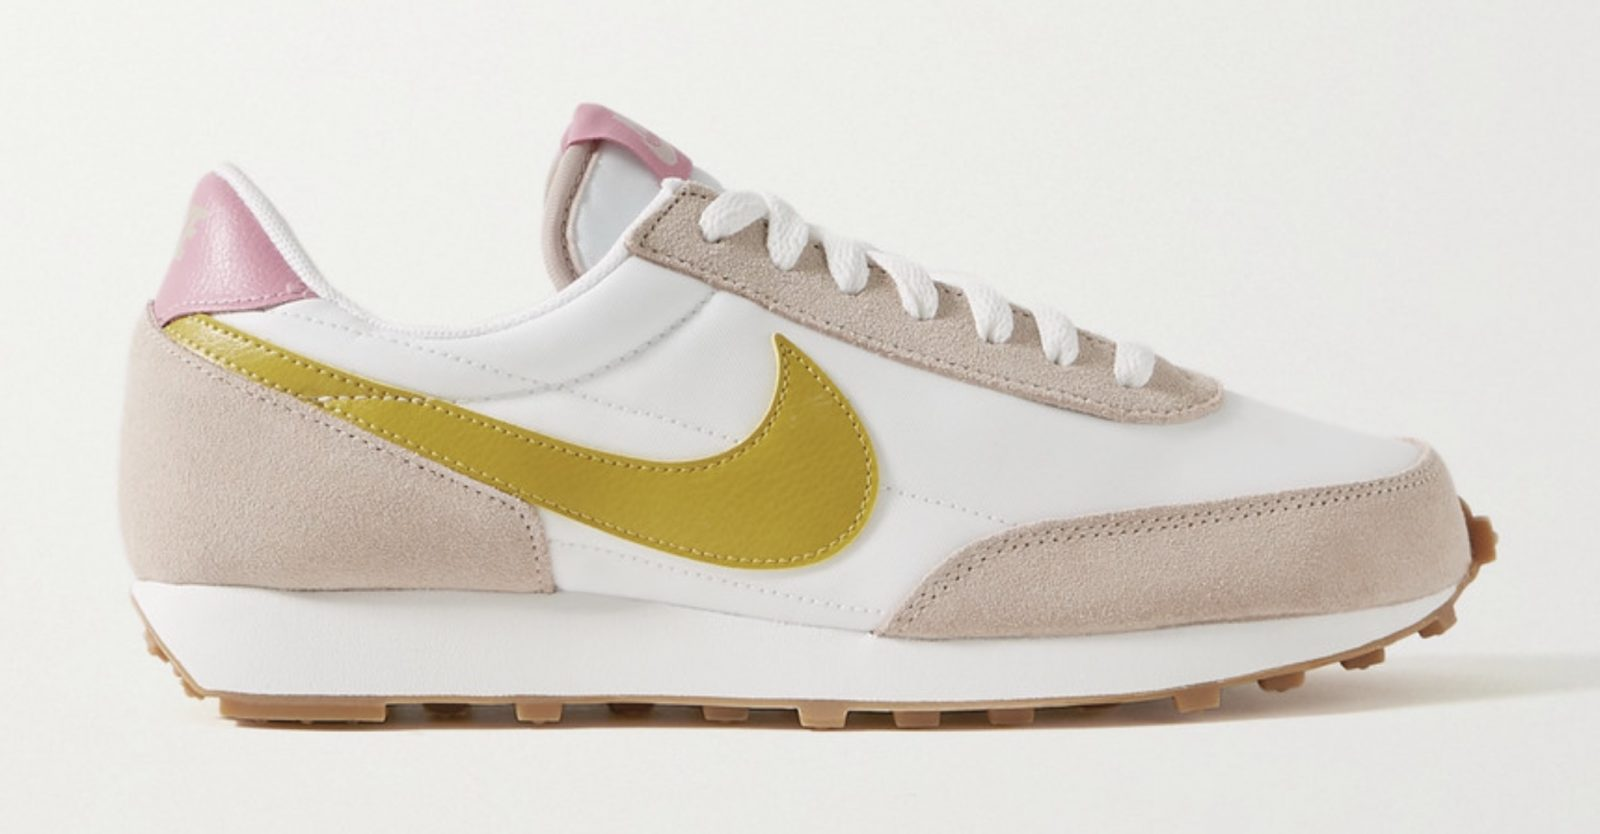 Nike Daybreak Pink Beige